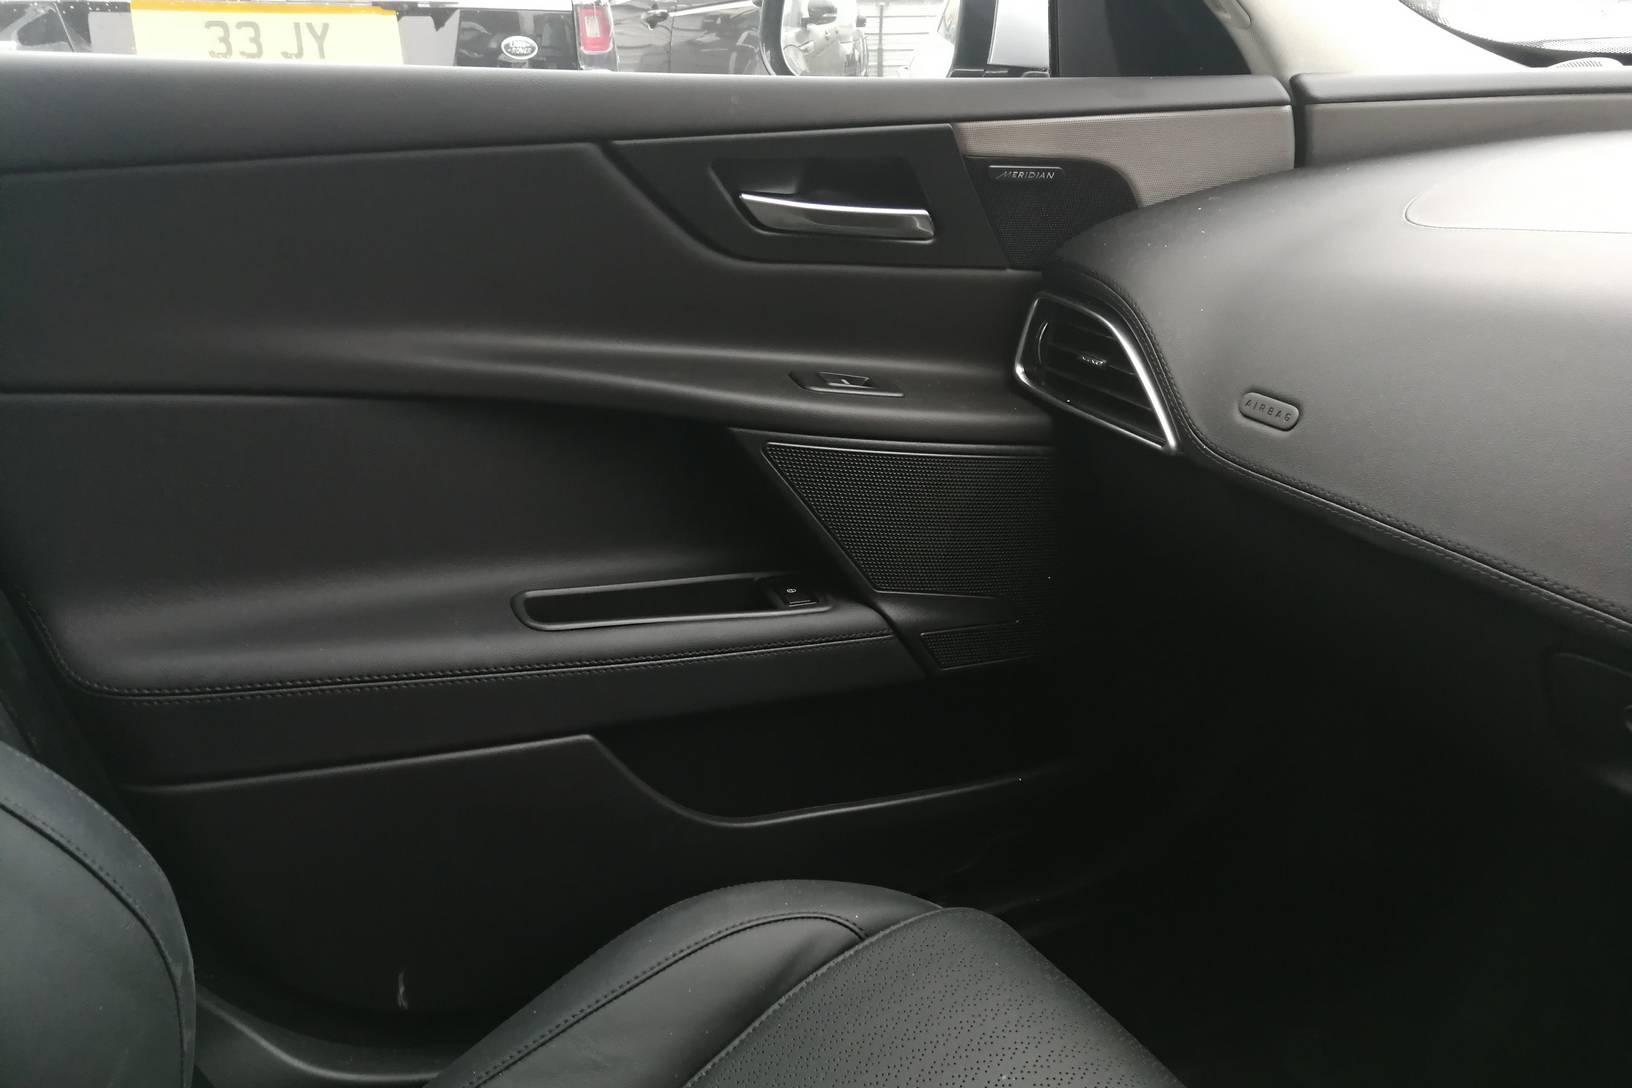 Jaguar XE 2.0d [180] Portfolio image 15